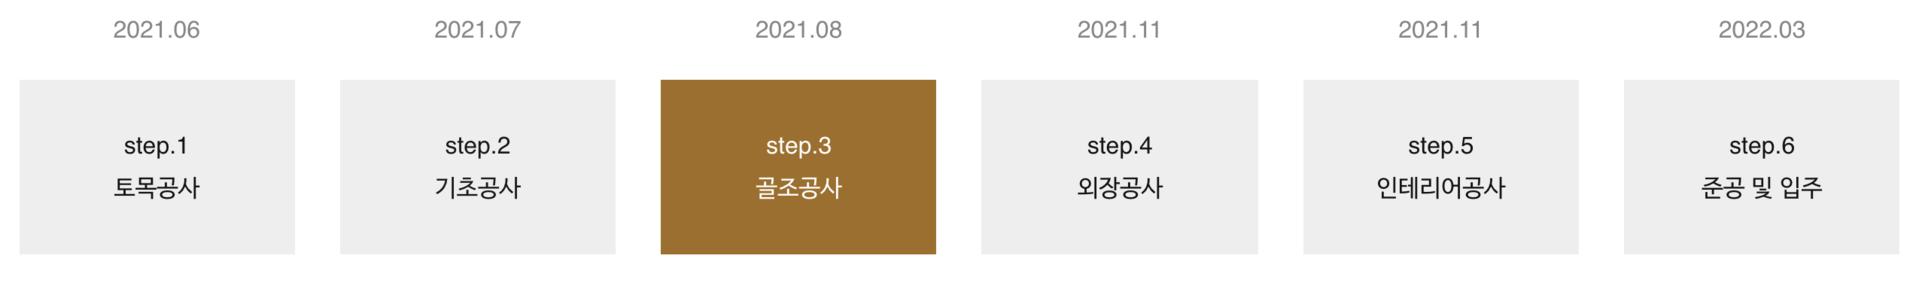 송파동 슬로우밀리 402 - 8월 공사 진행 상황